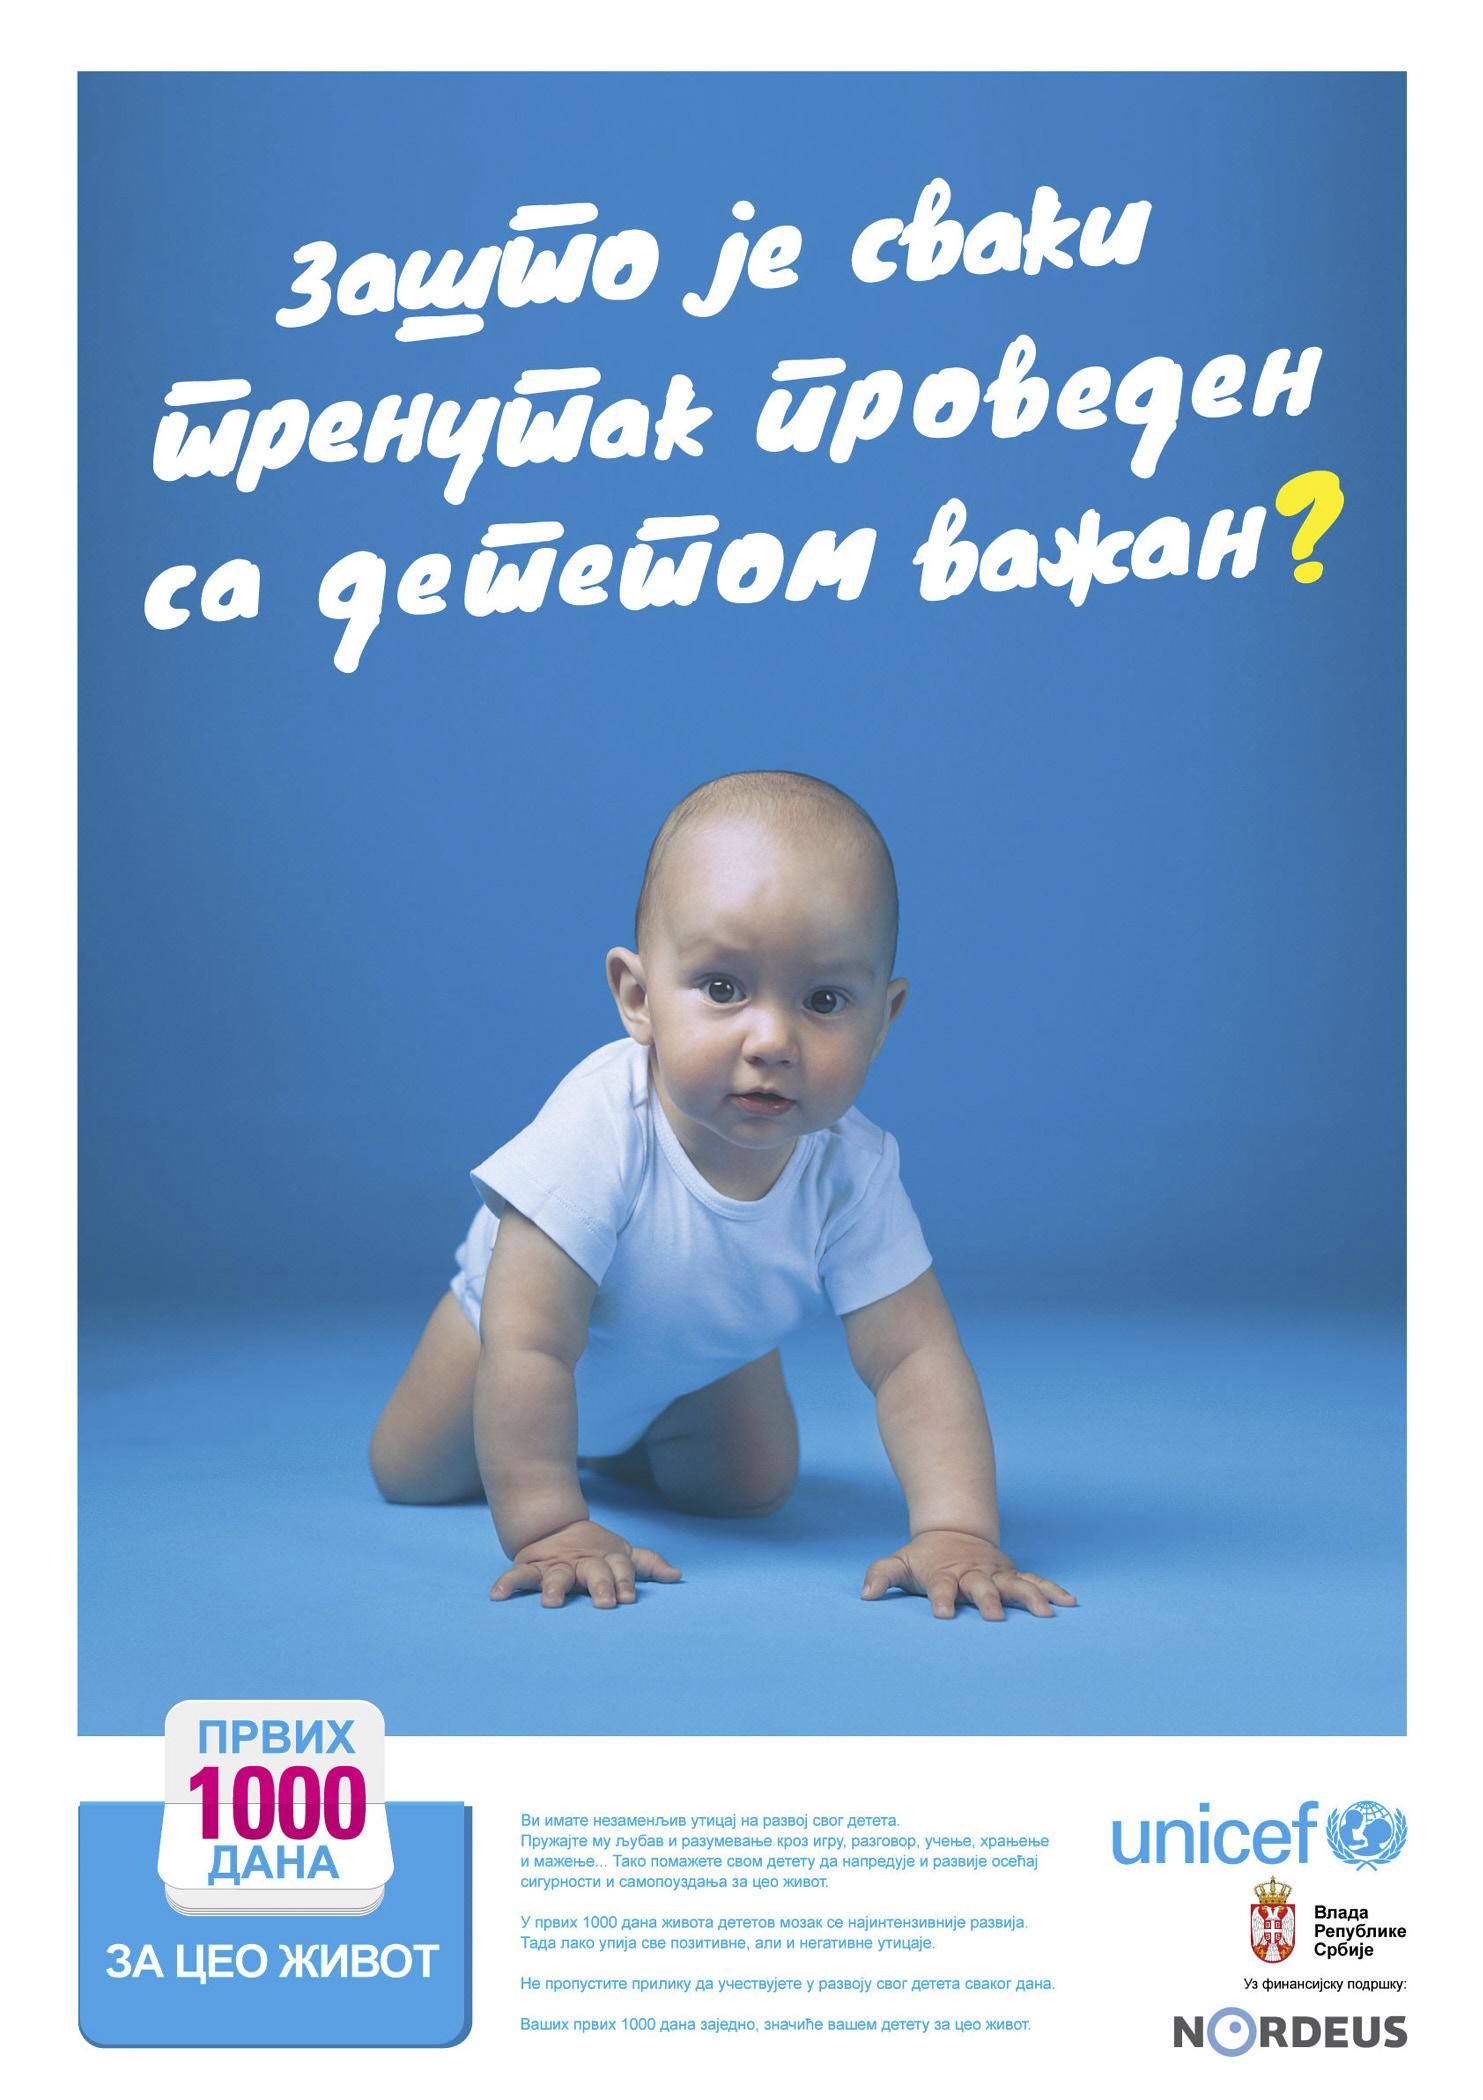 Unicef-1000dana-kv-odobren-pravac-razrada-final-fotka-REV-06-tizer